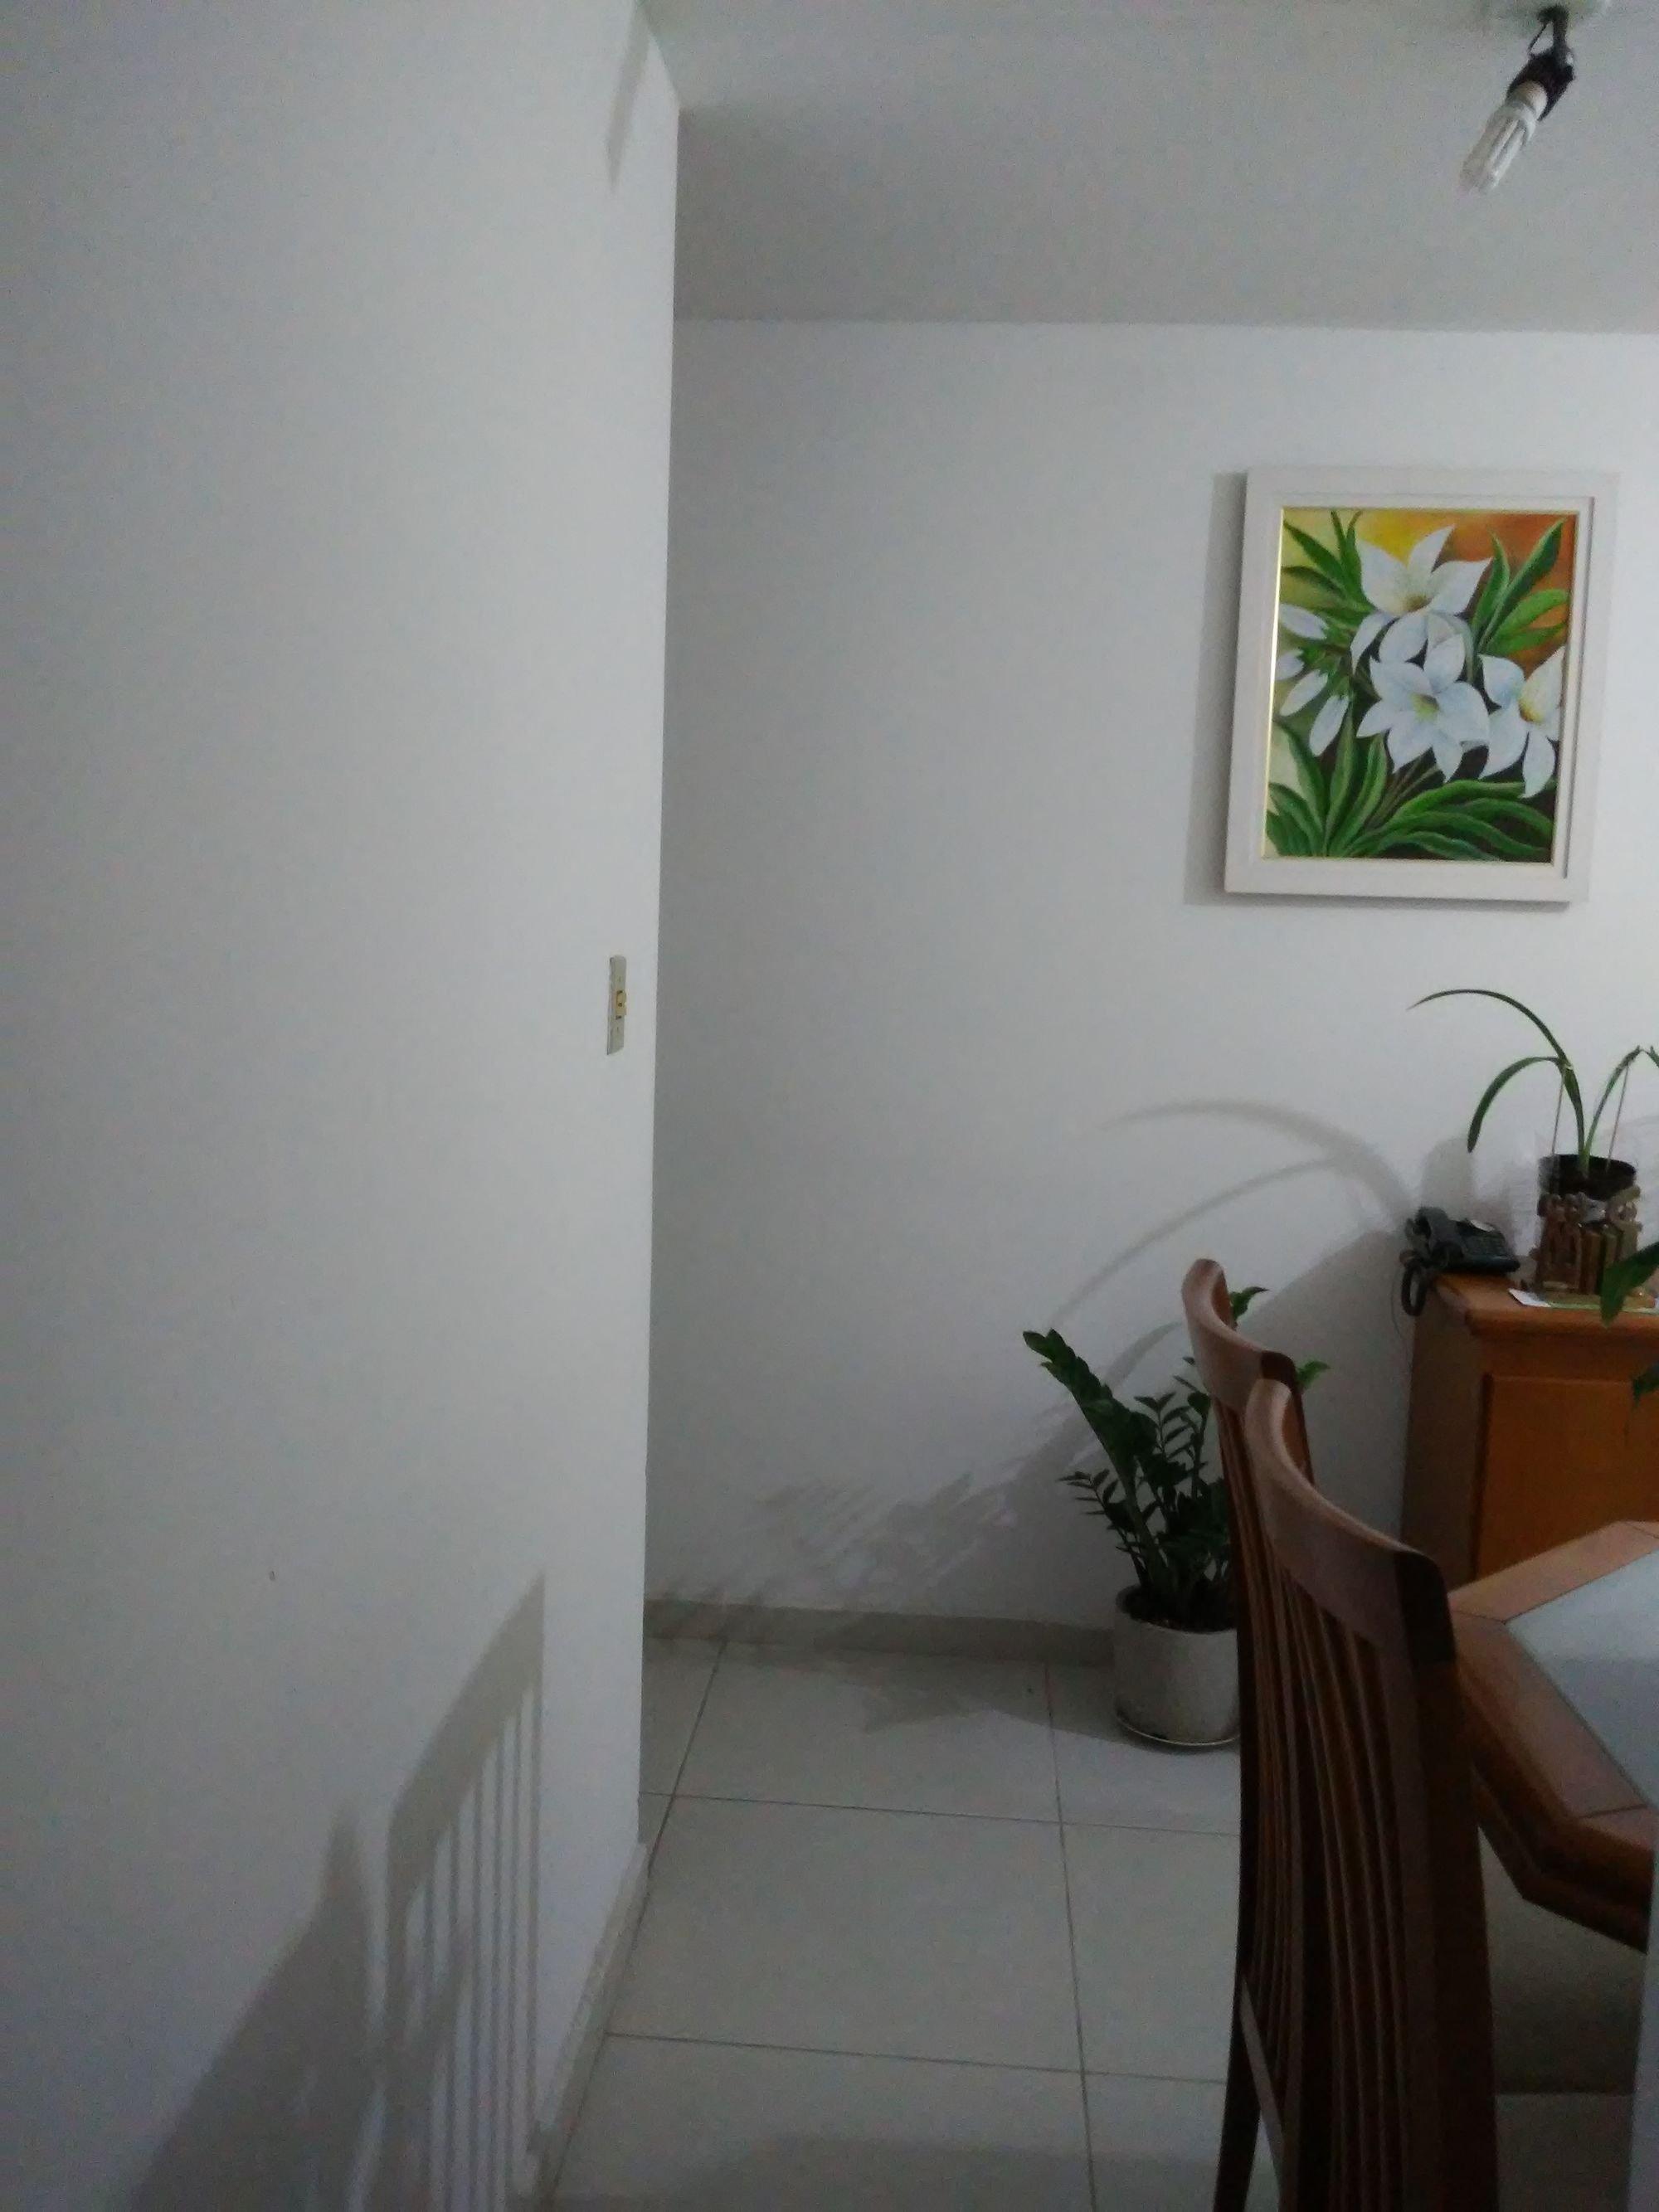 Foto de Sala com vaso de planta, cadeira